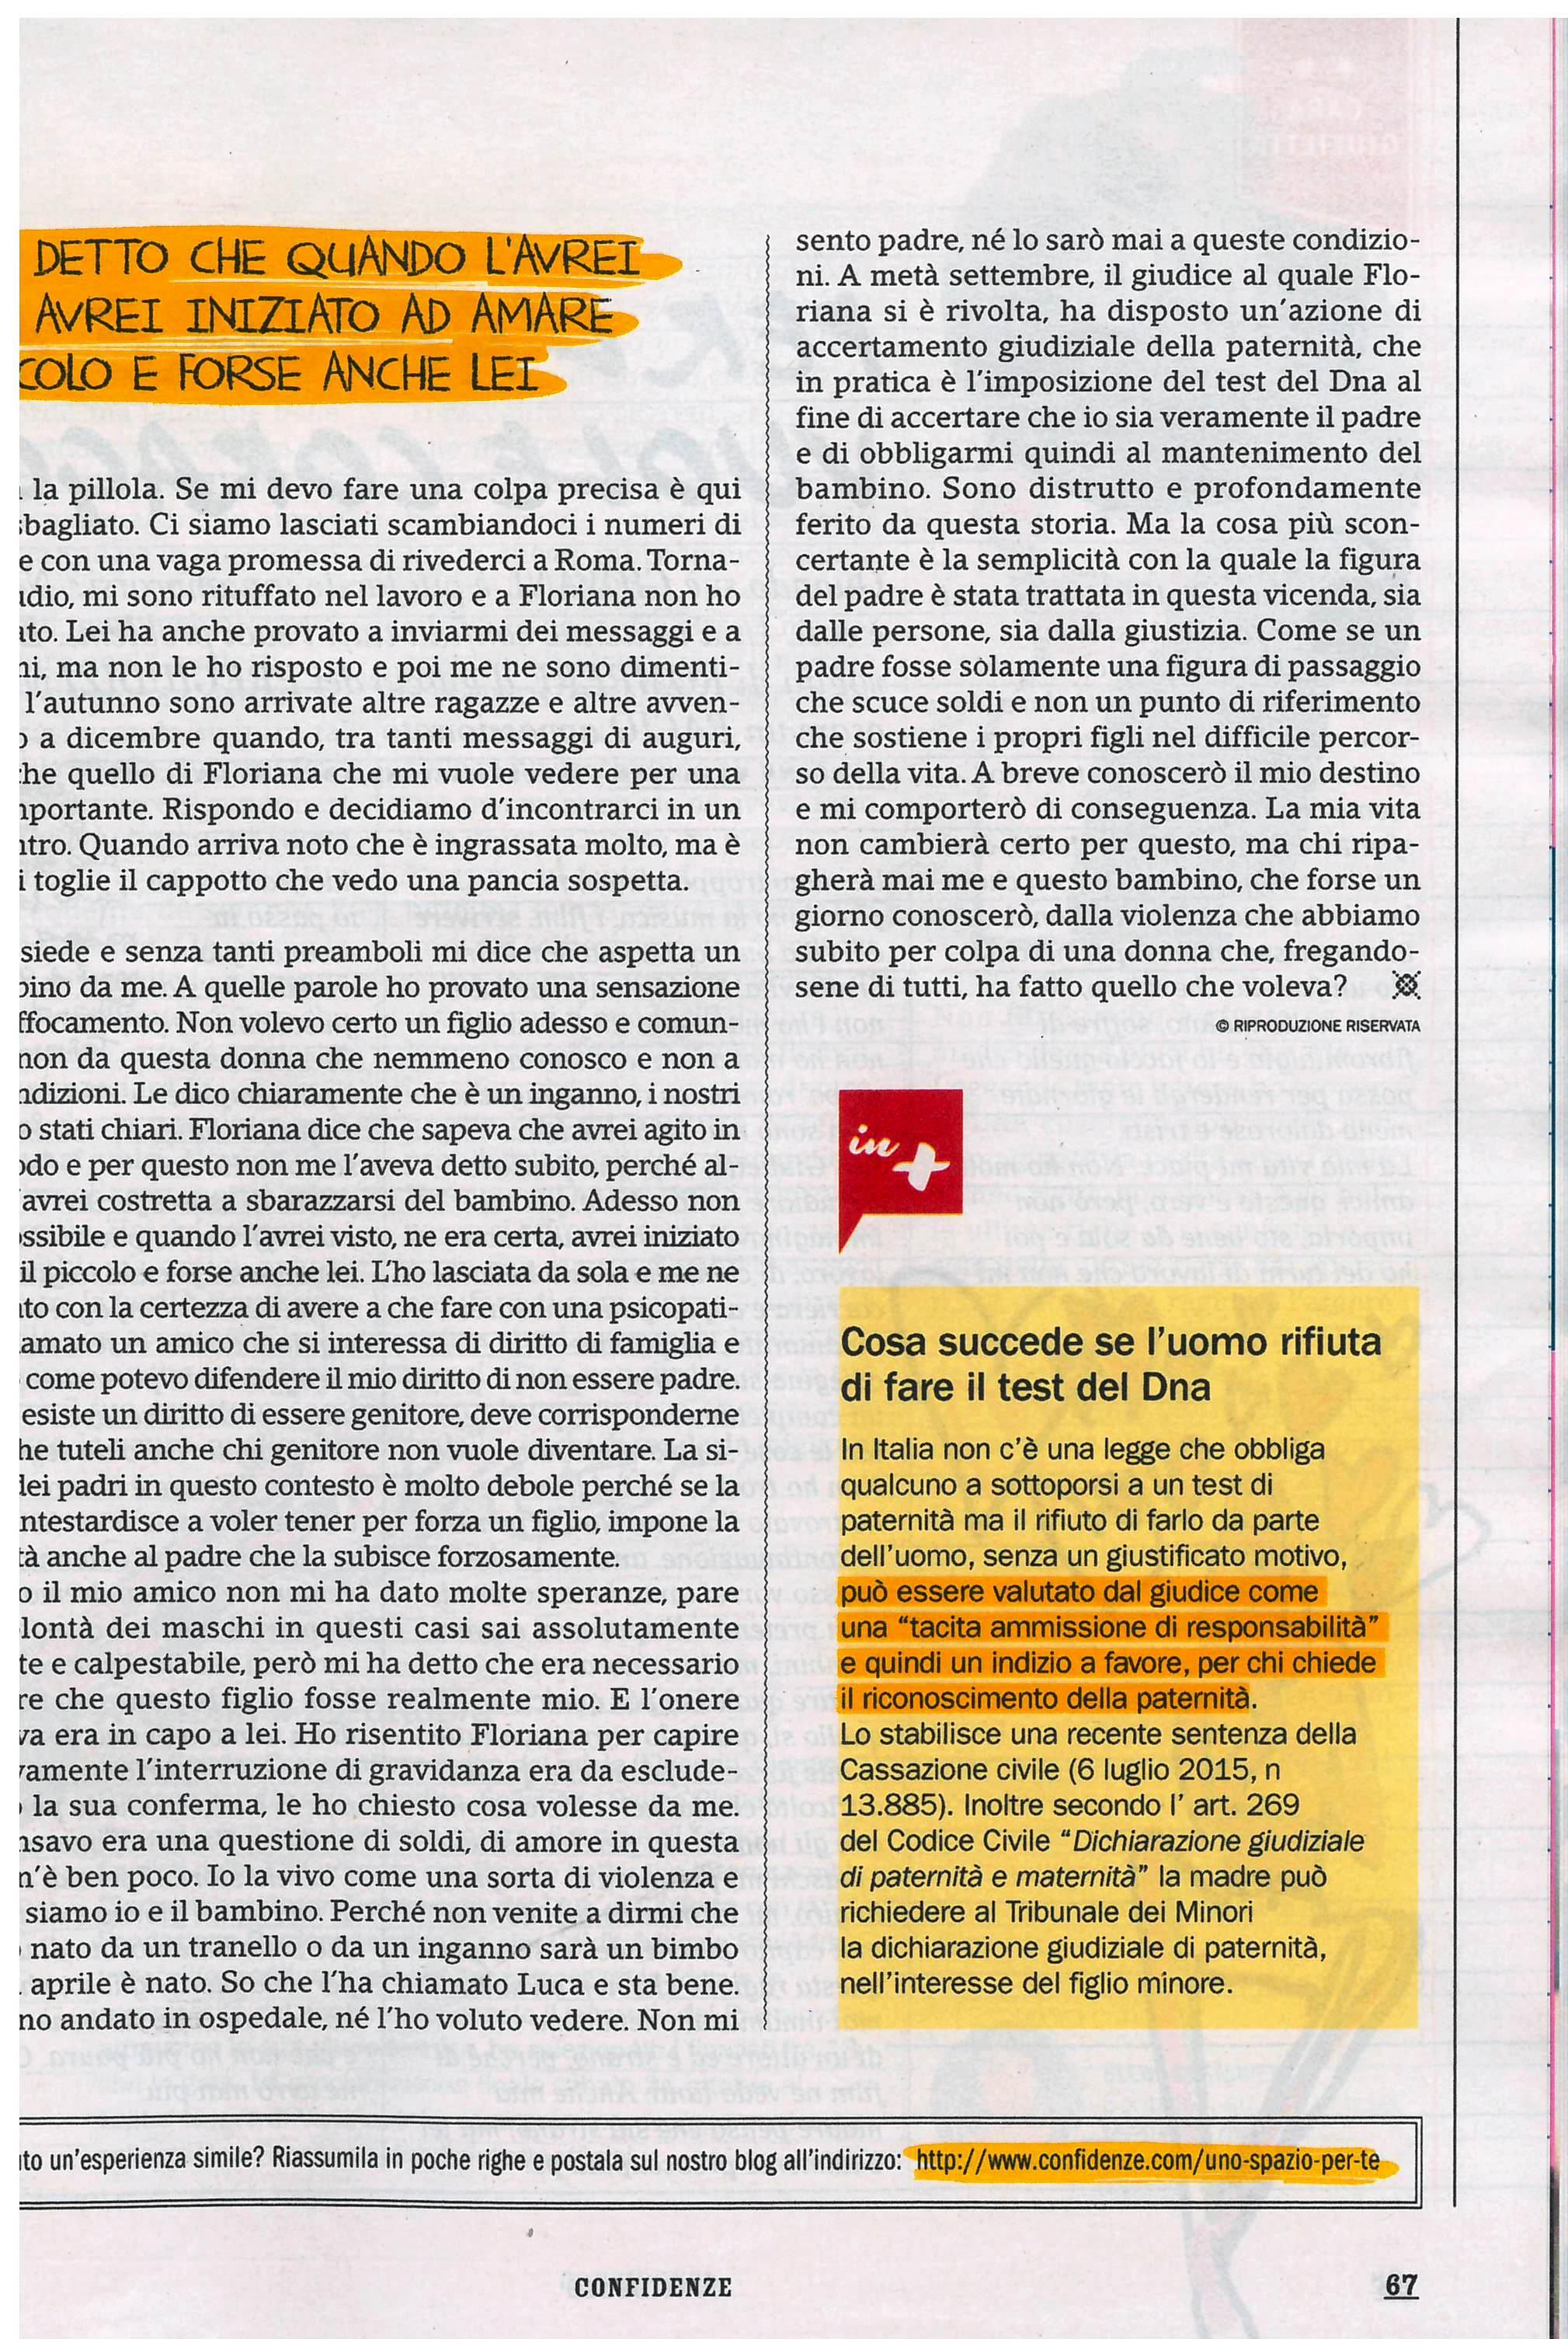 Storia di Giorgio - Confidenze nr. 43 Ottobre 2017_Pagina_2